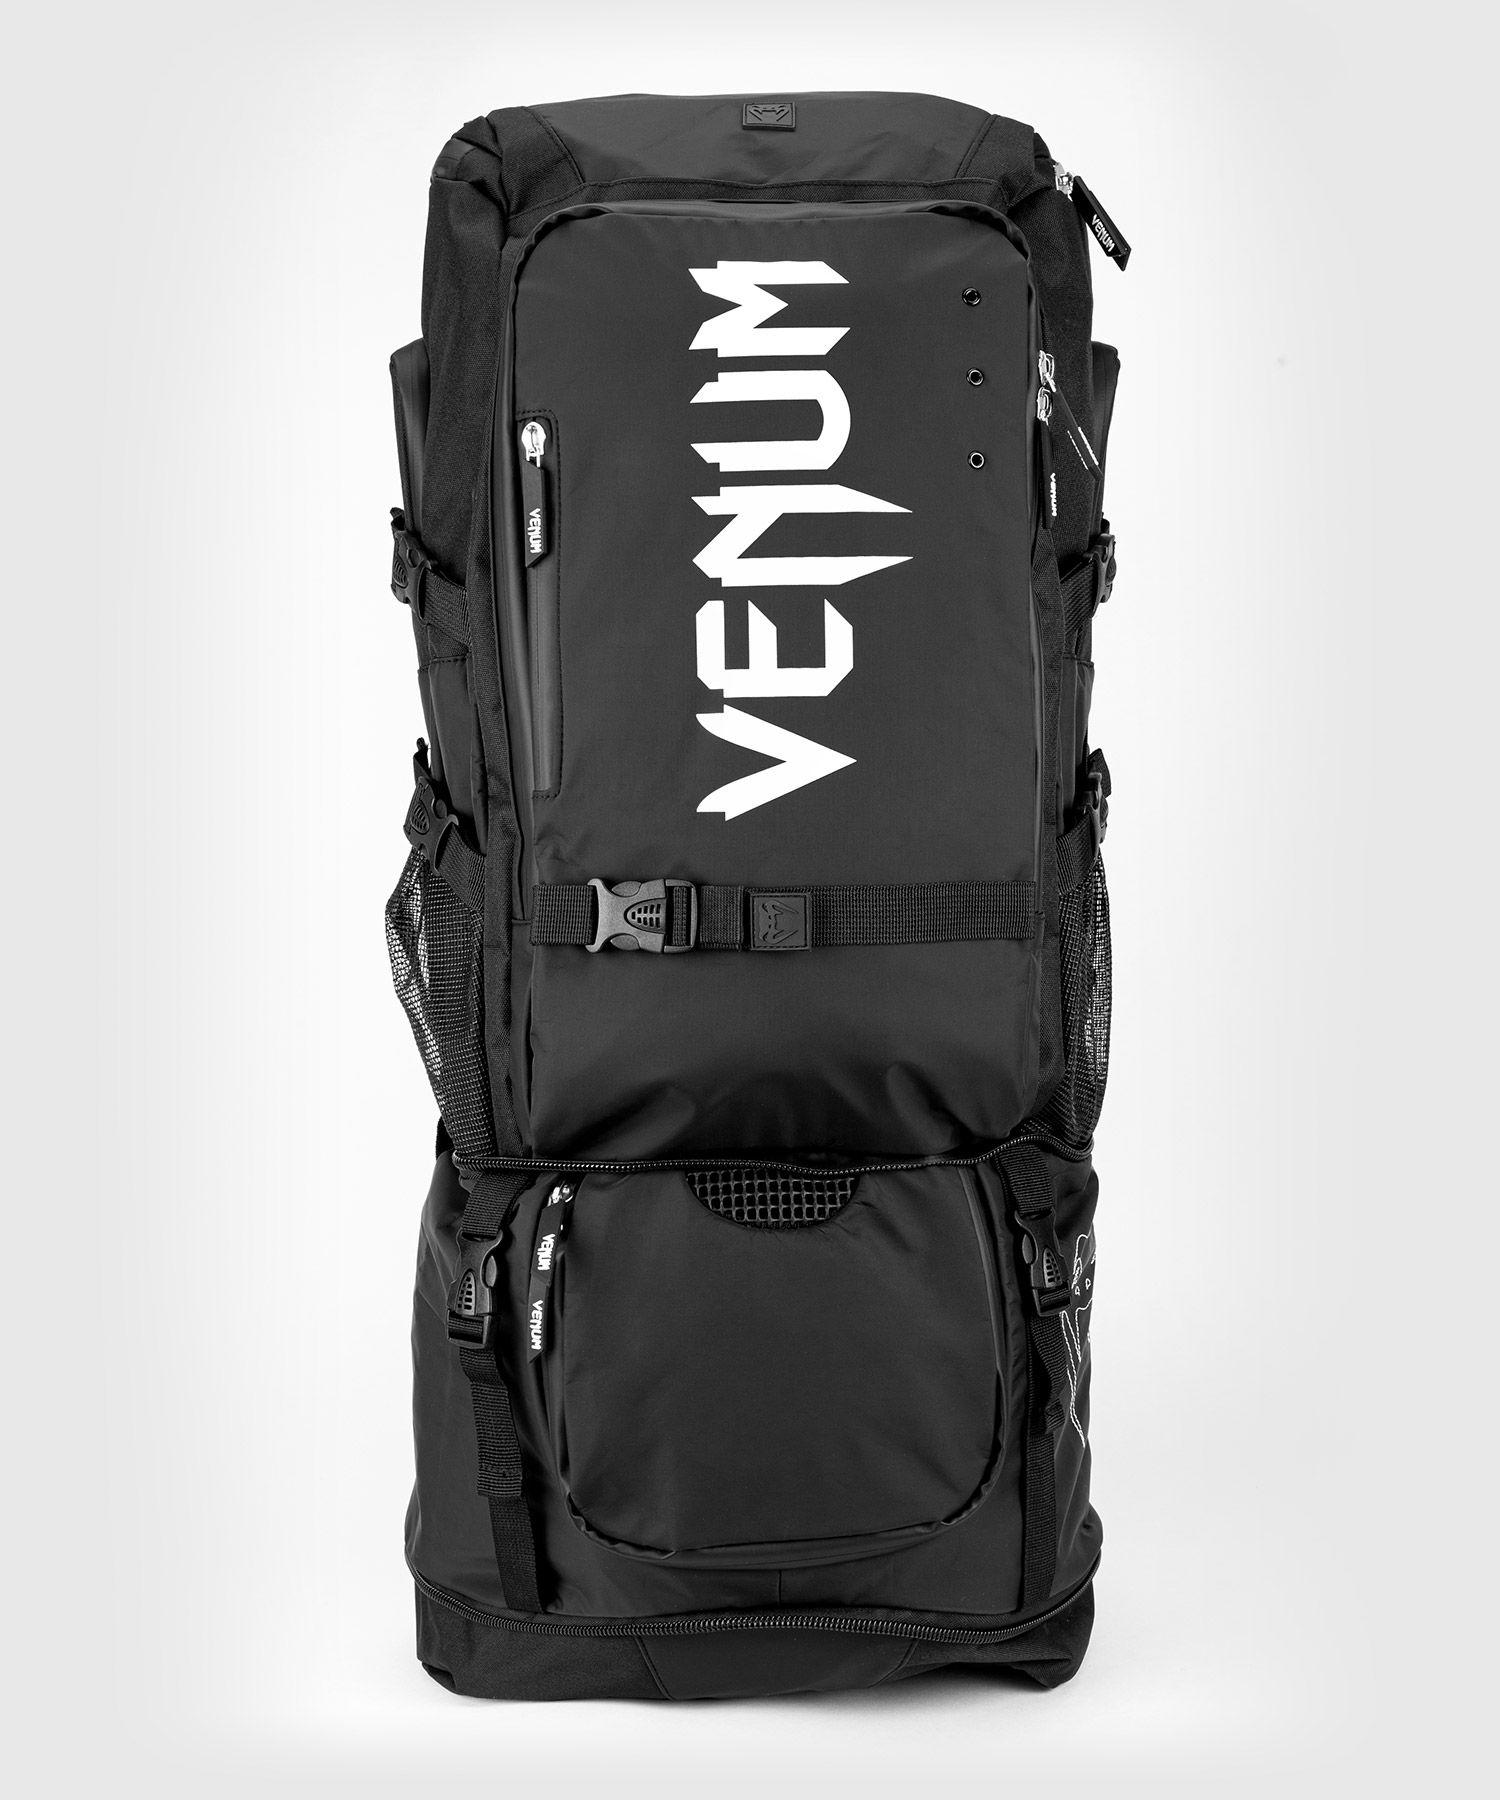 Sac à dos Venum Challenger Venum Xtrem EVO Noir et Blanc